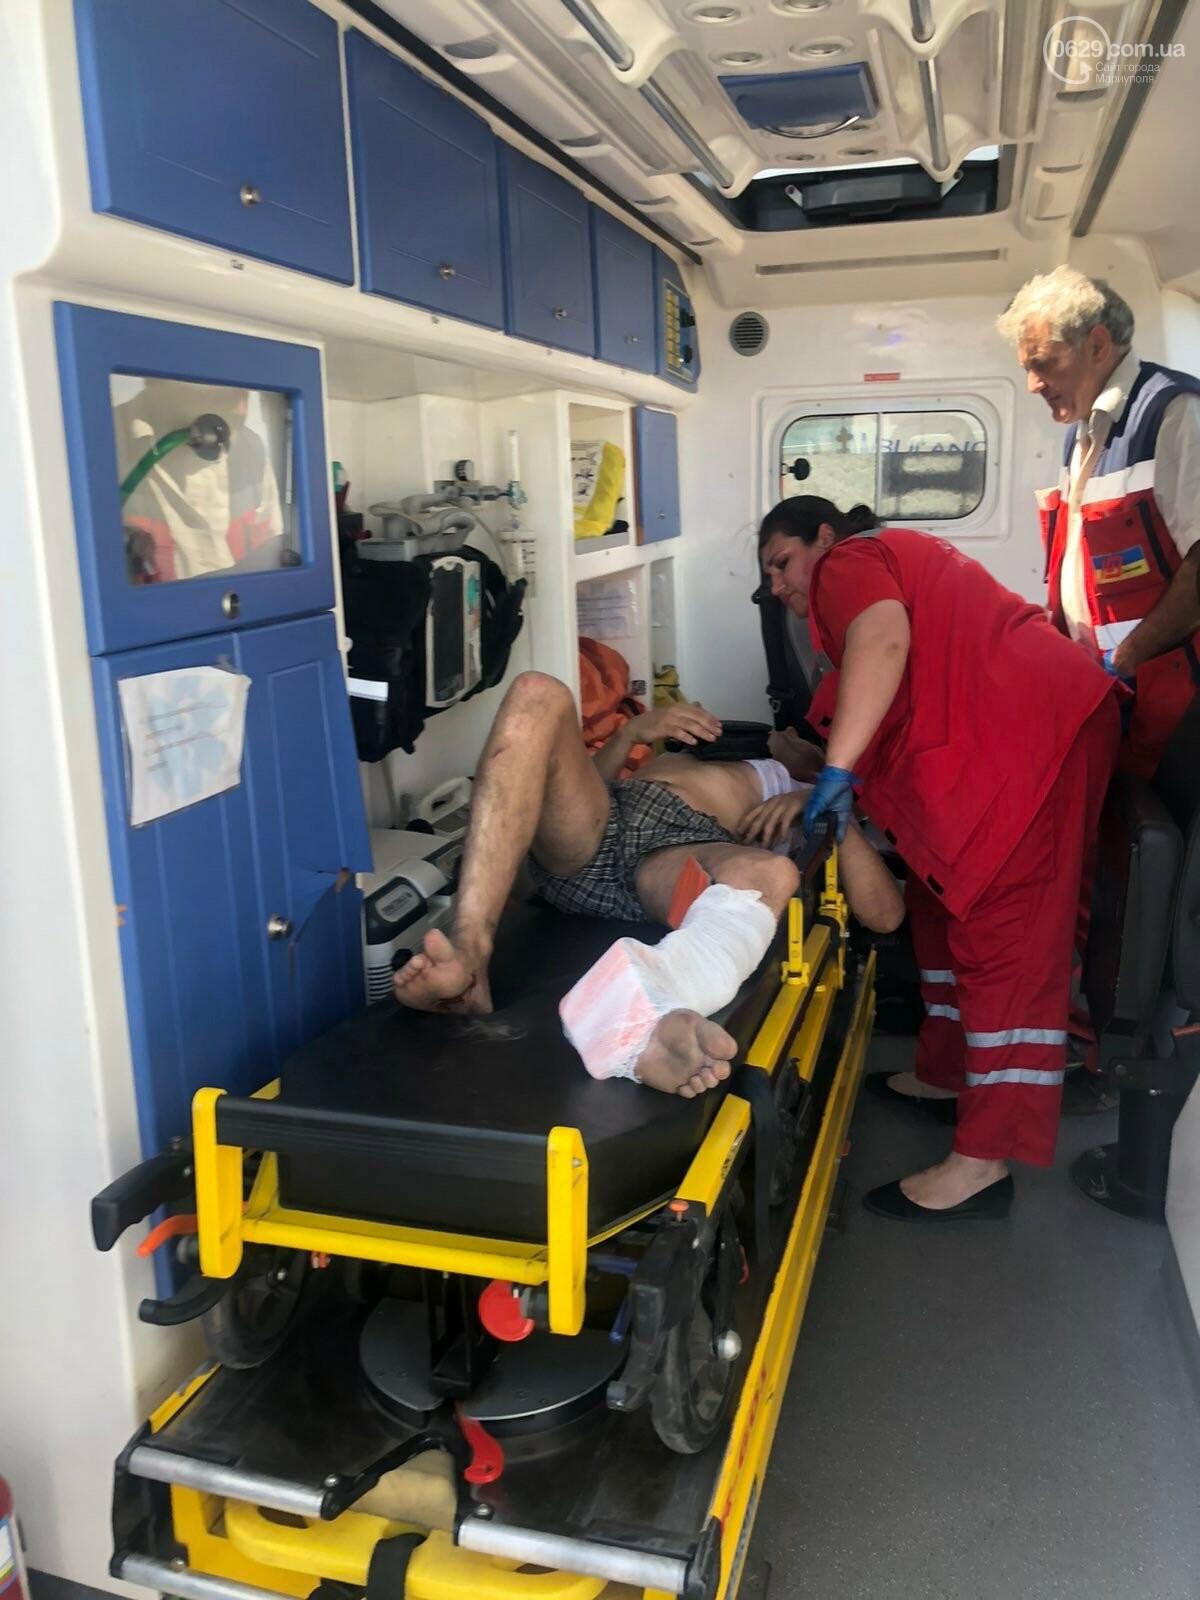 Серьезная авария в Кальмиусском районе. ВАЗ с пассажирами вылетел в кювет, четверо пострадавших, - ФОТО, фото-2